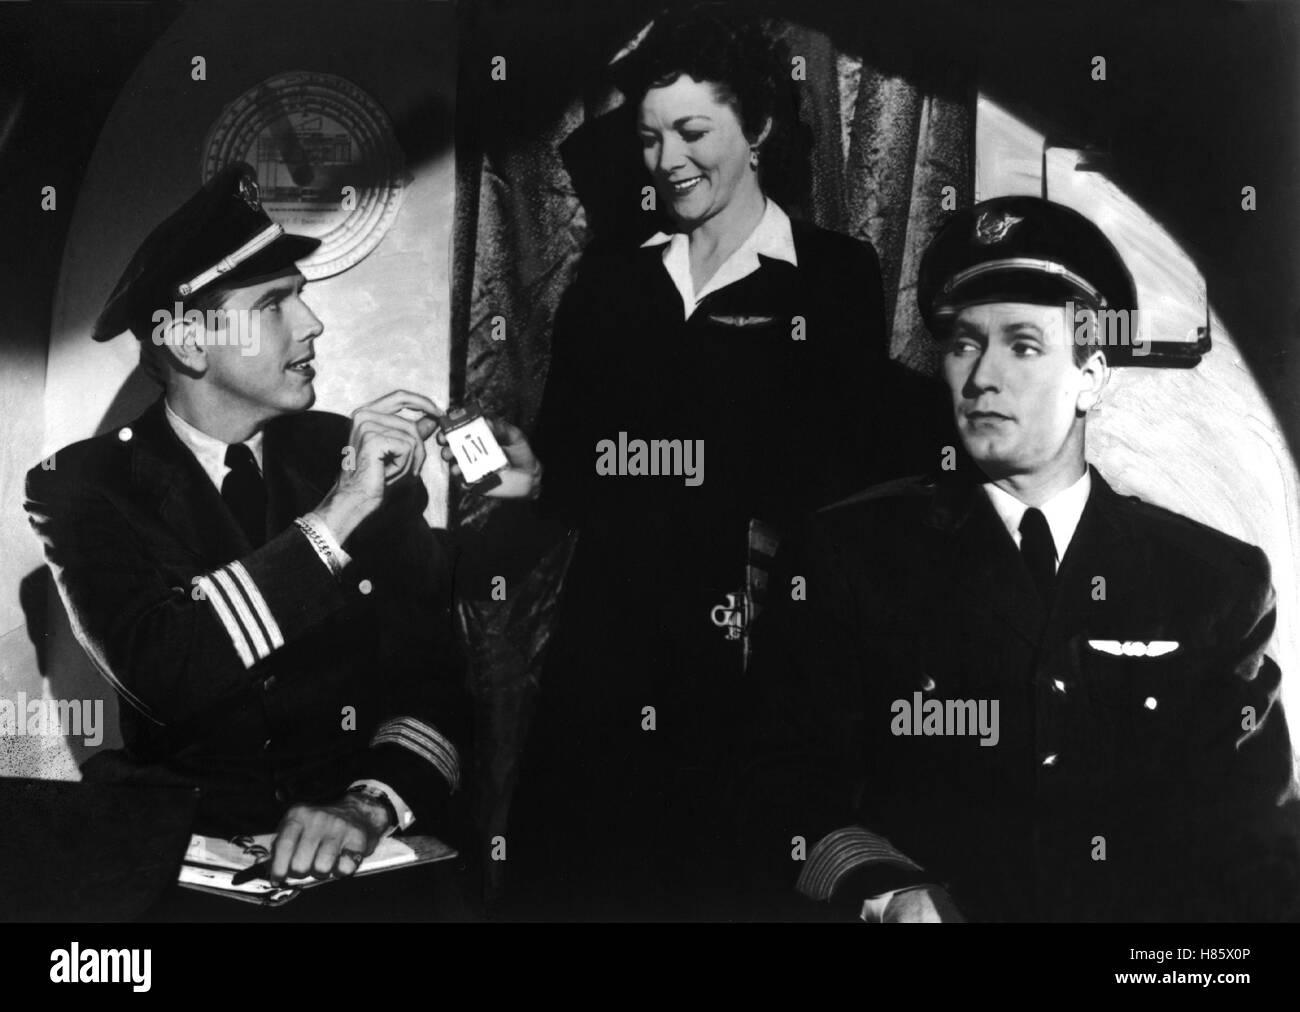 Plan 9 aus dem Weltall, (PLAN 9 FROM OUTER SPACE) USA 1959, Regie: Edward D. Wood, DAVID DE MERING, MONA McKINNON, - Stock Image